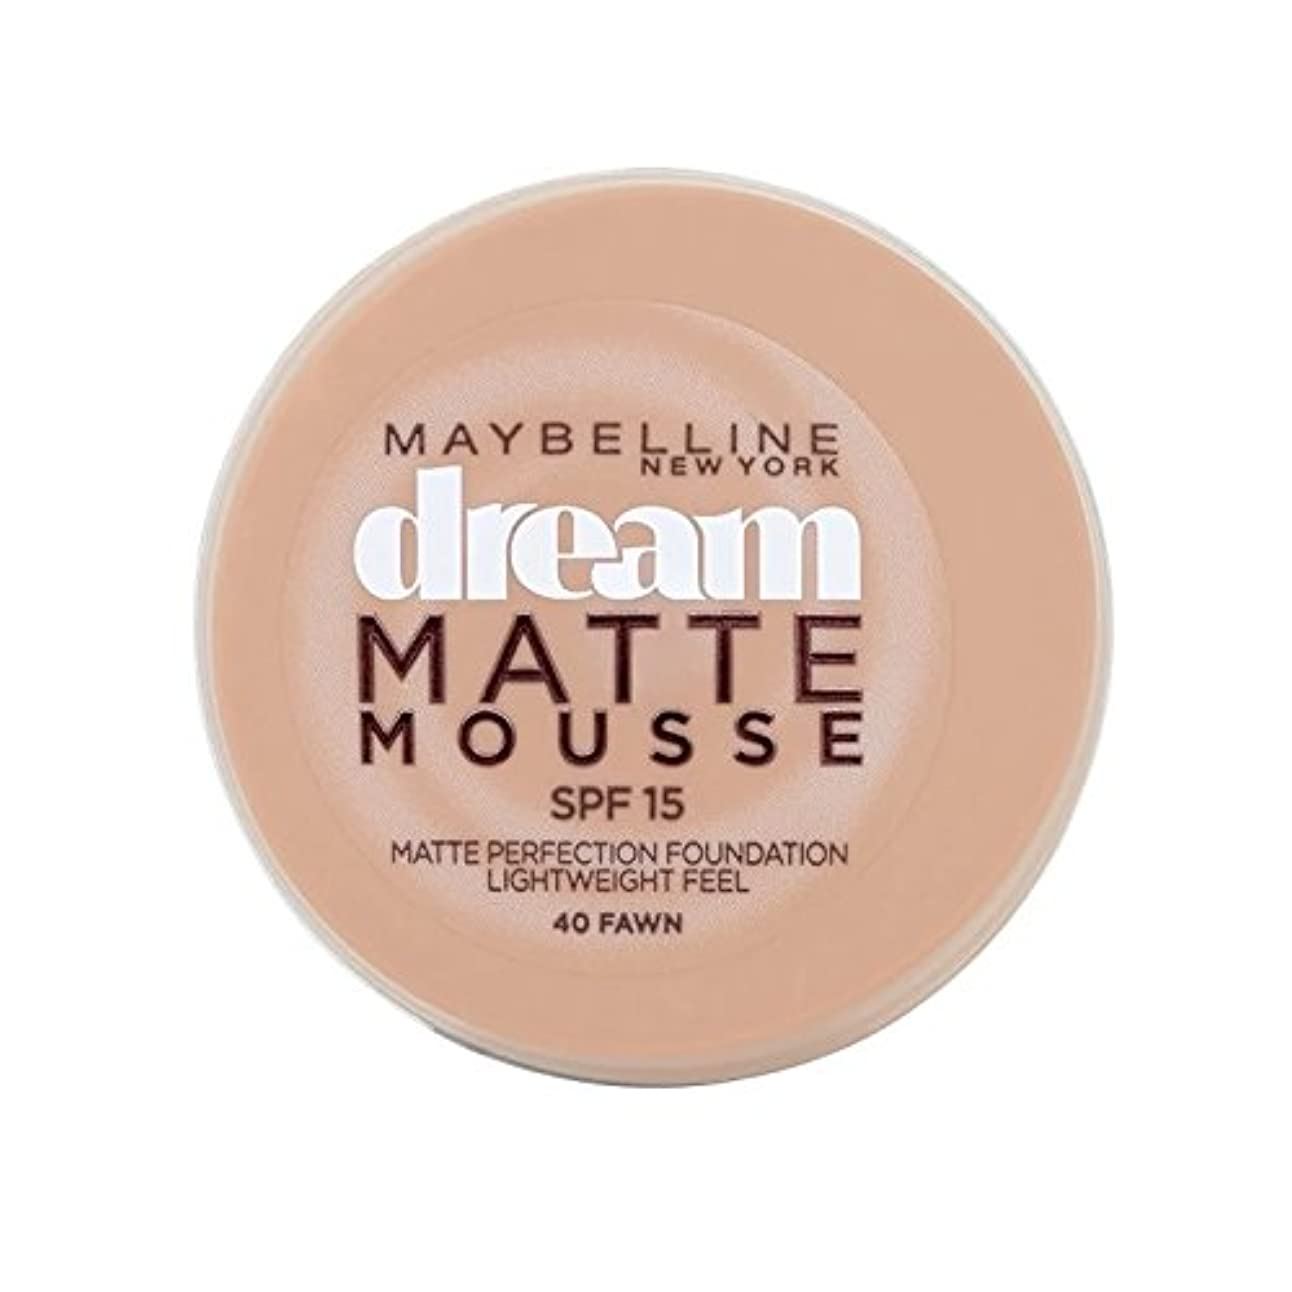 満足ビットオーディションメイベリン夢のマットムース土台40子鹿の10ミリリットル x4 - Maybelline Dream Matte Mousse Foundation 40 Fawn 10ml (Pack of 4) [並行輸入品]